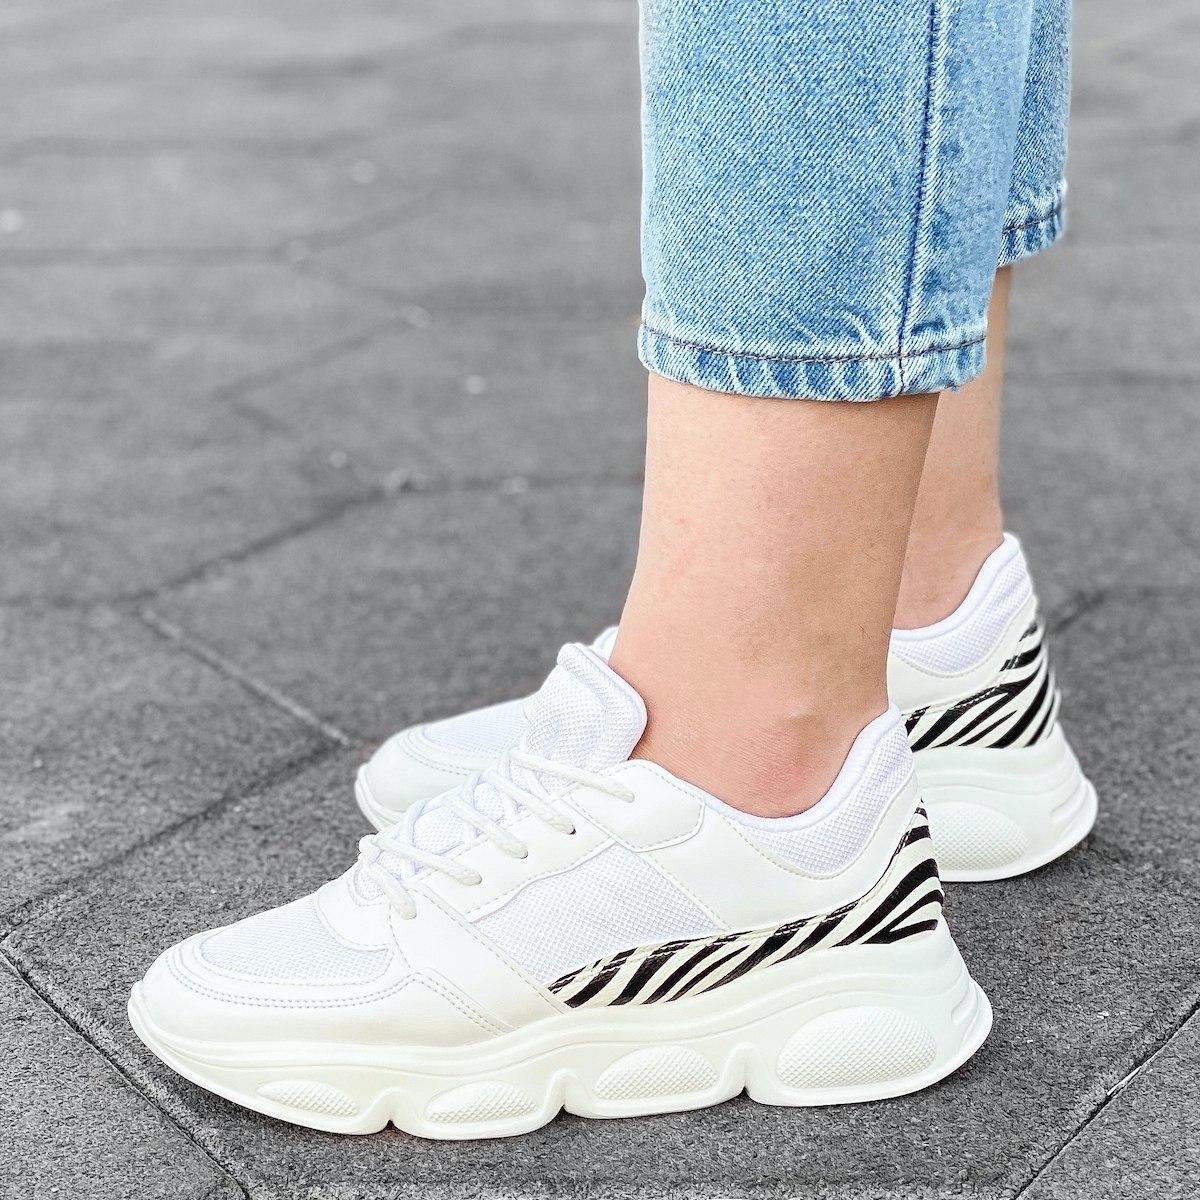 Women's High Sole Sneakers...